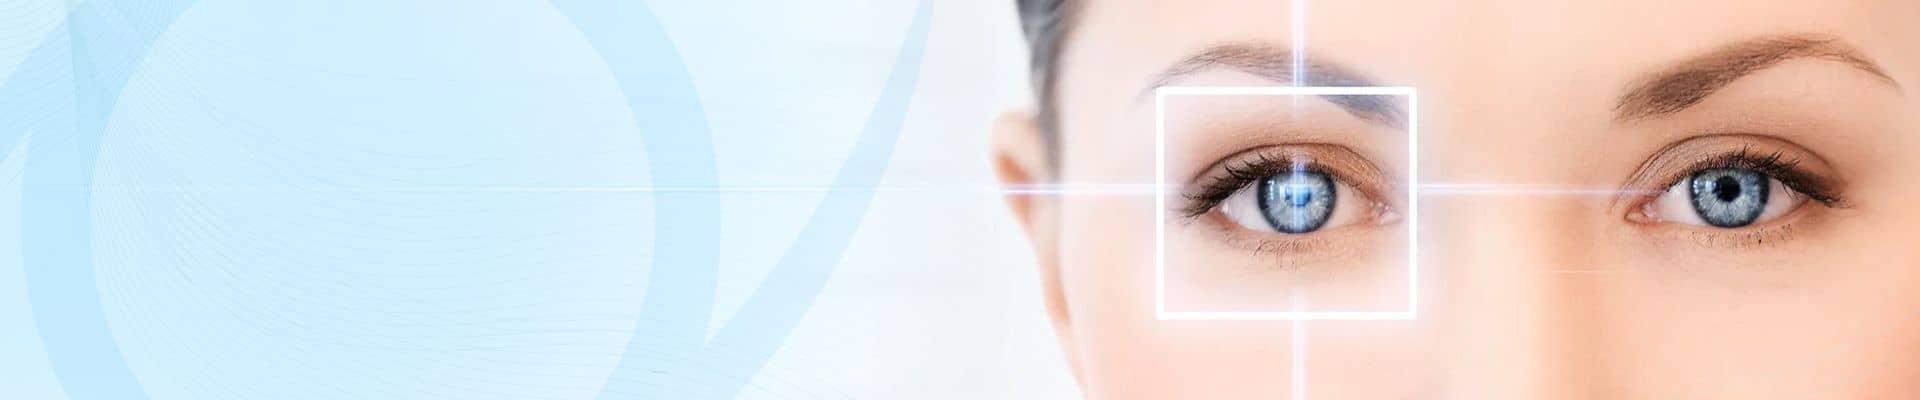 szemészeti klinika elnöke Yasenevóban arany bajusz szemkezelés